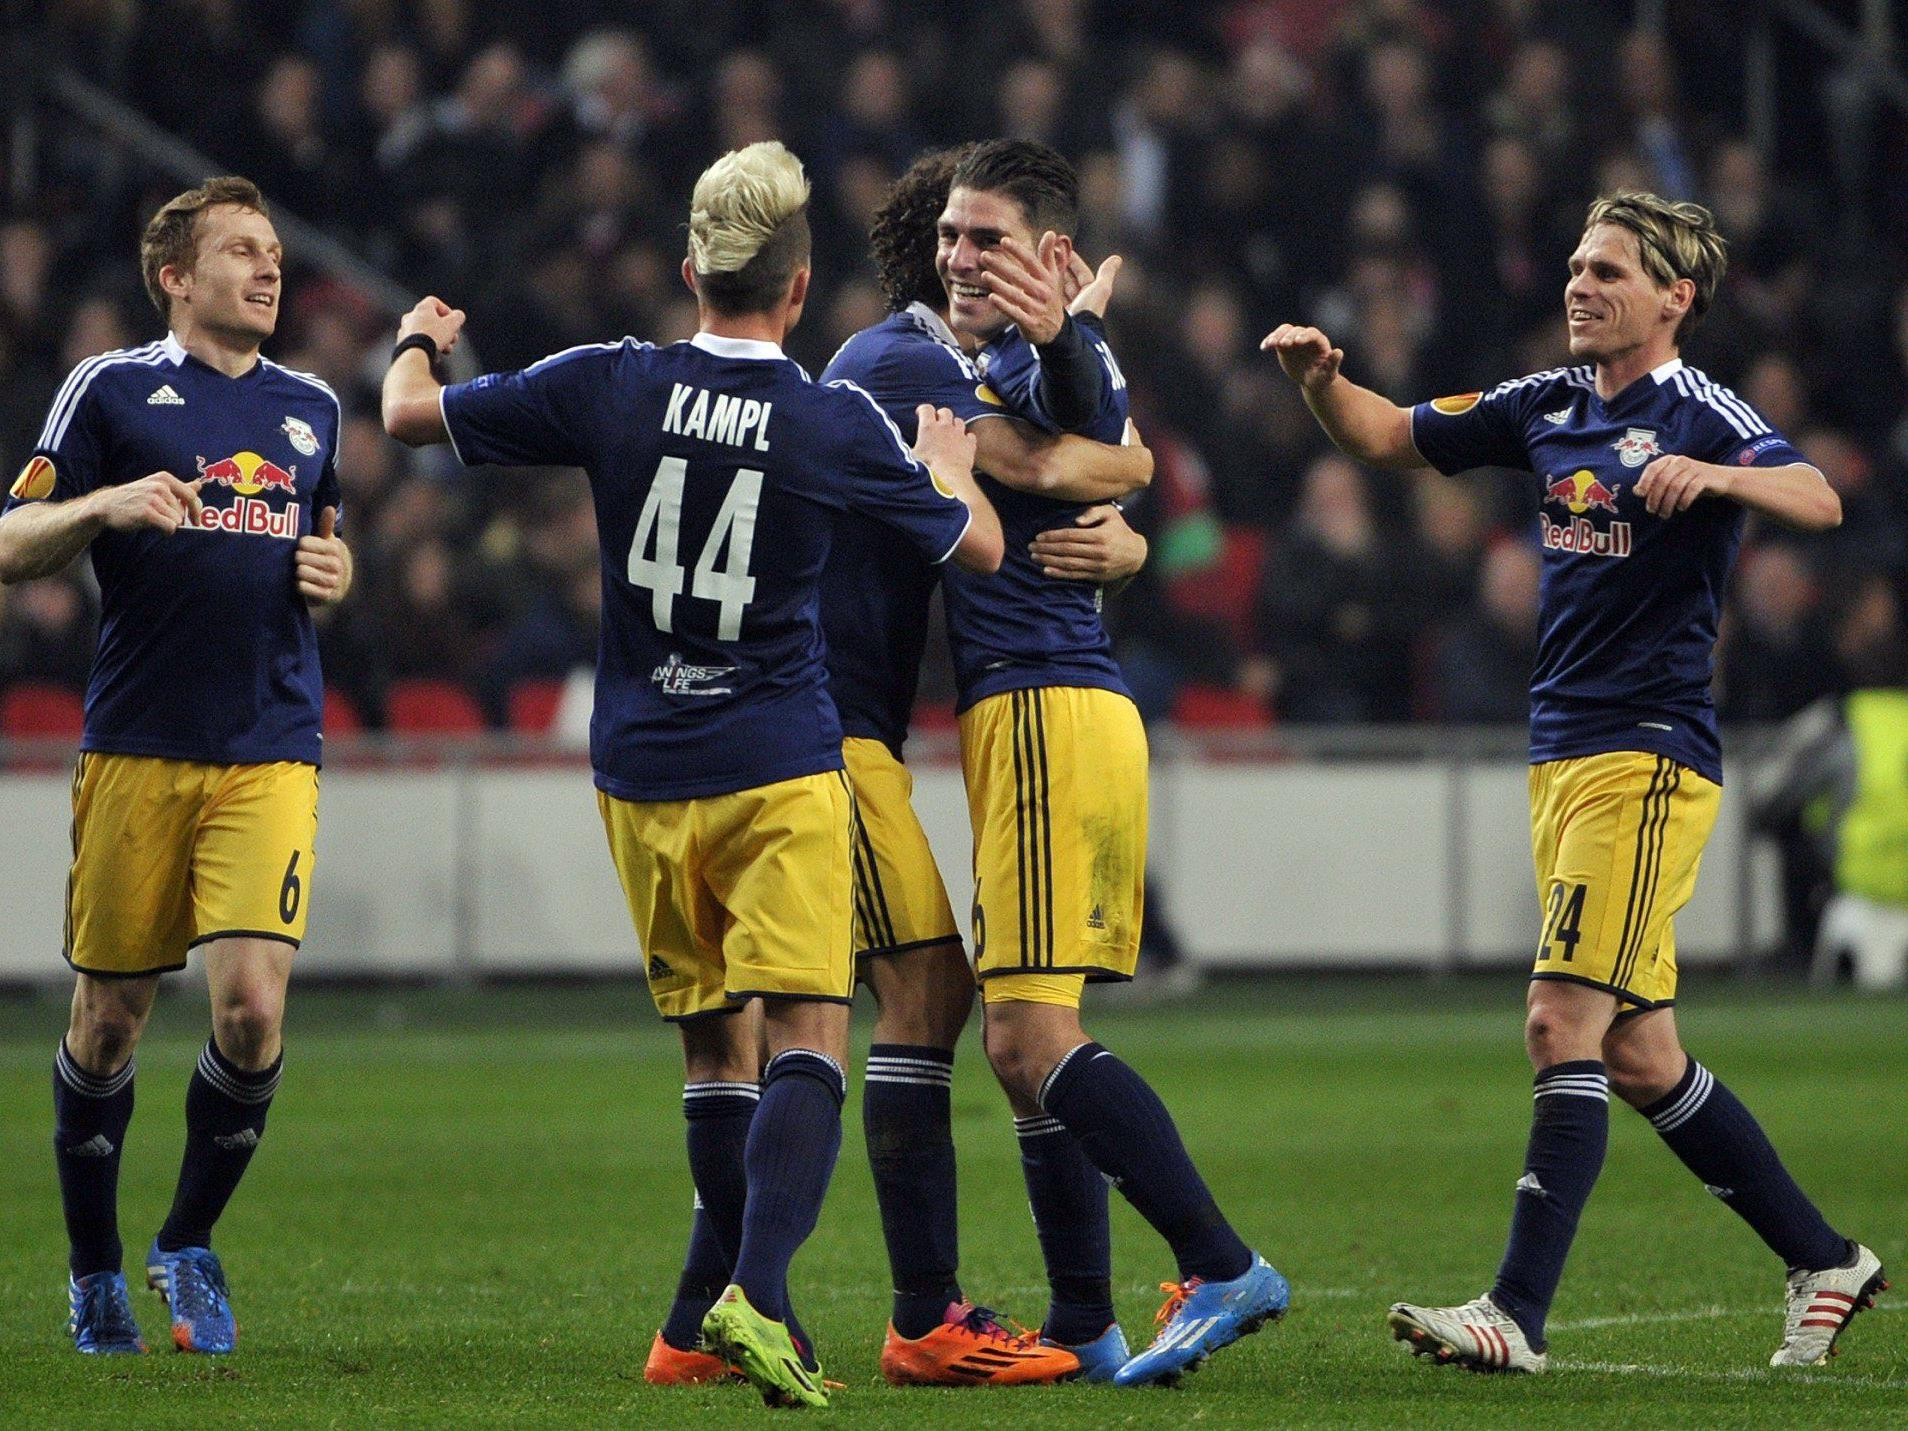 Live-Ticker zum Spiel Red Bull Salzburg gegen FC Admira Wacker Mödling ab 16.30 Uhr.